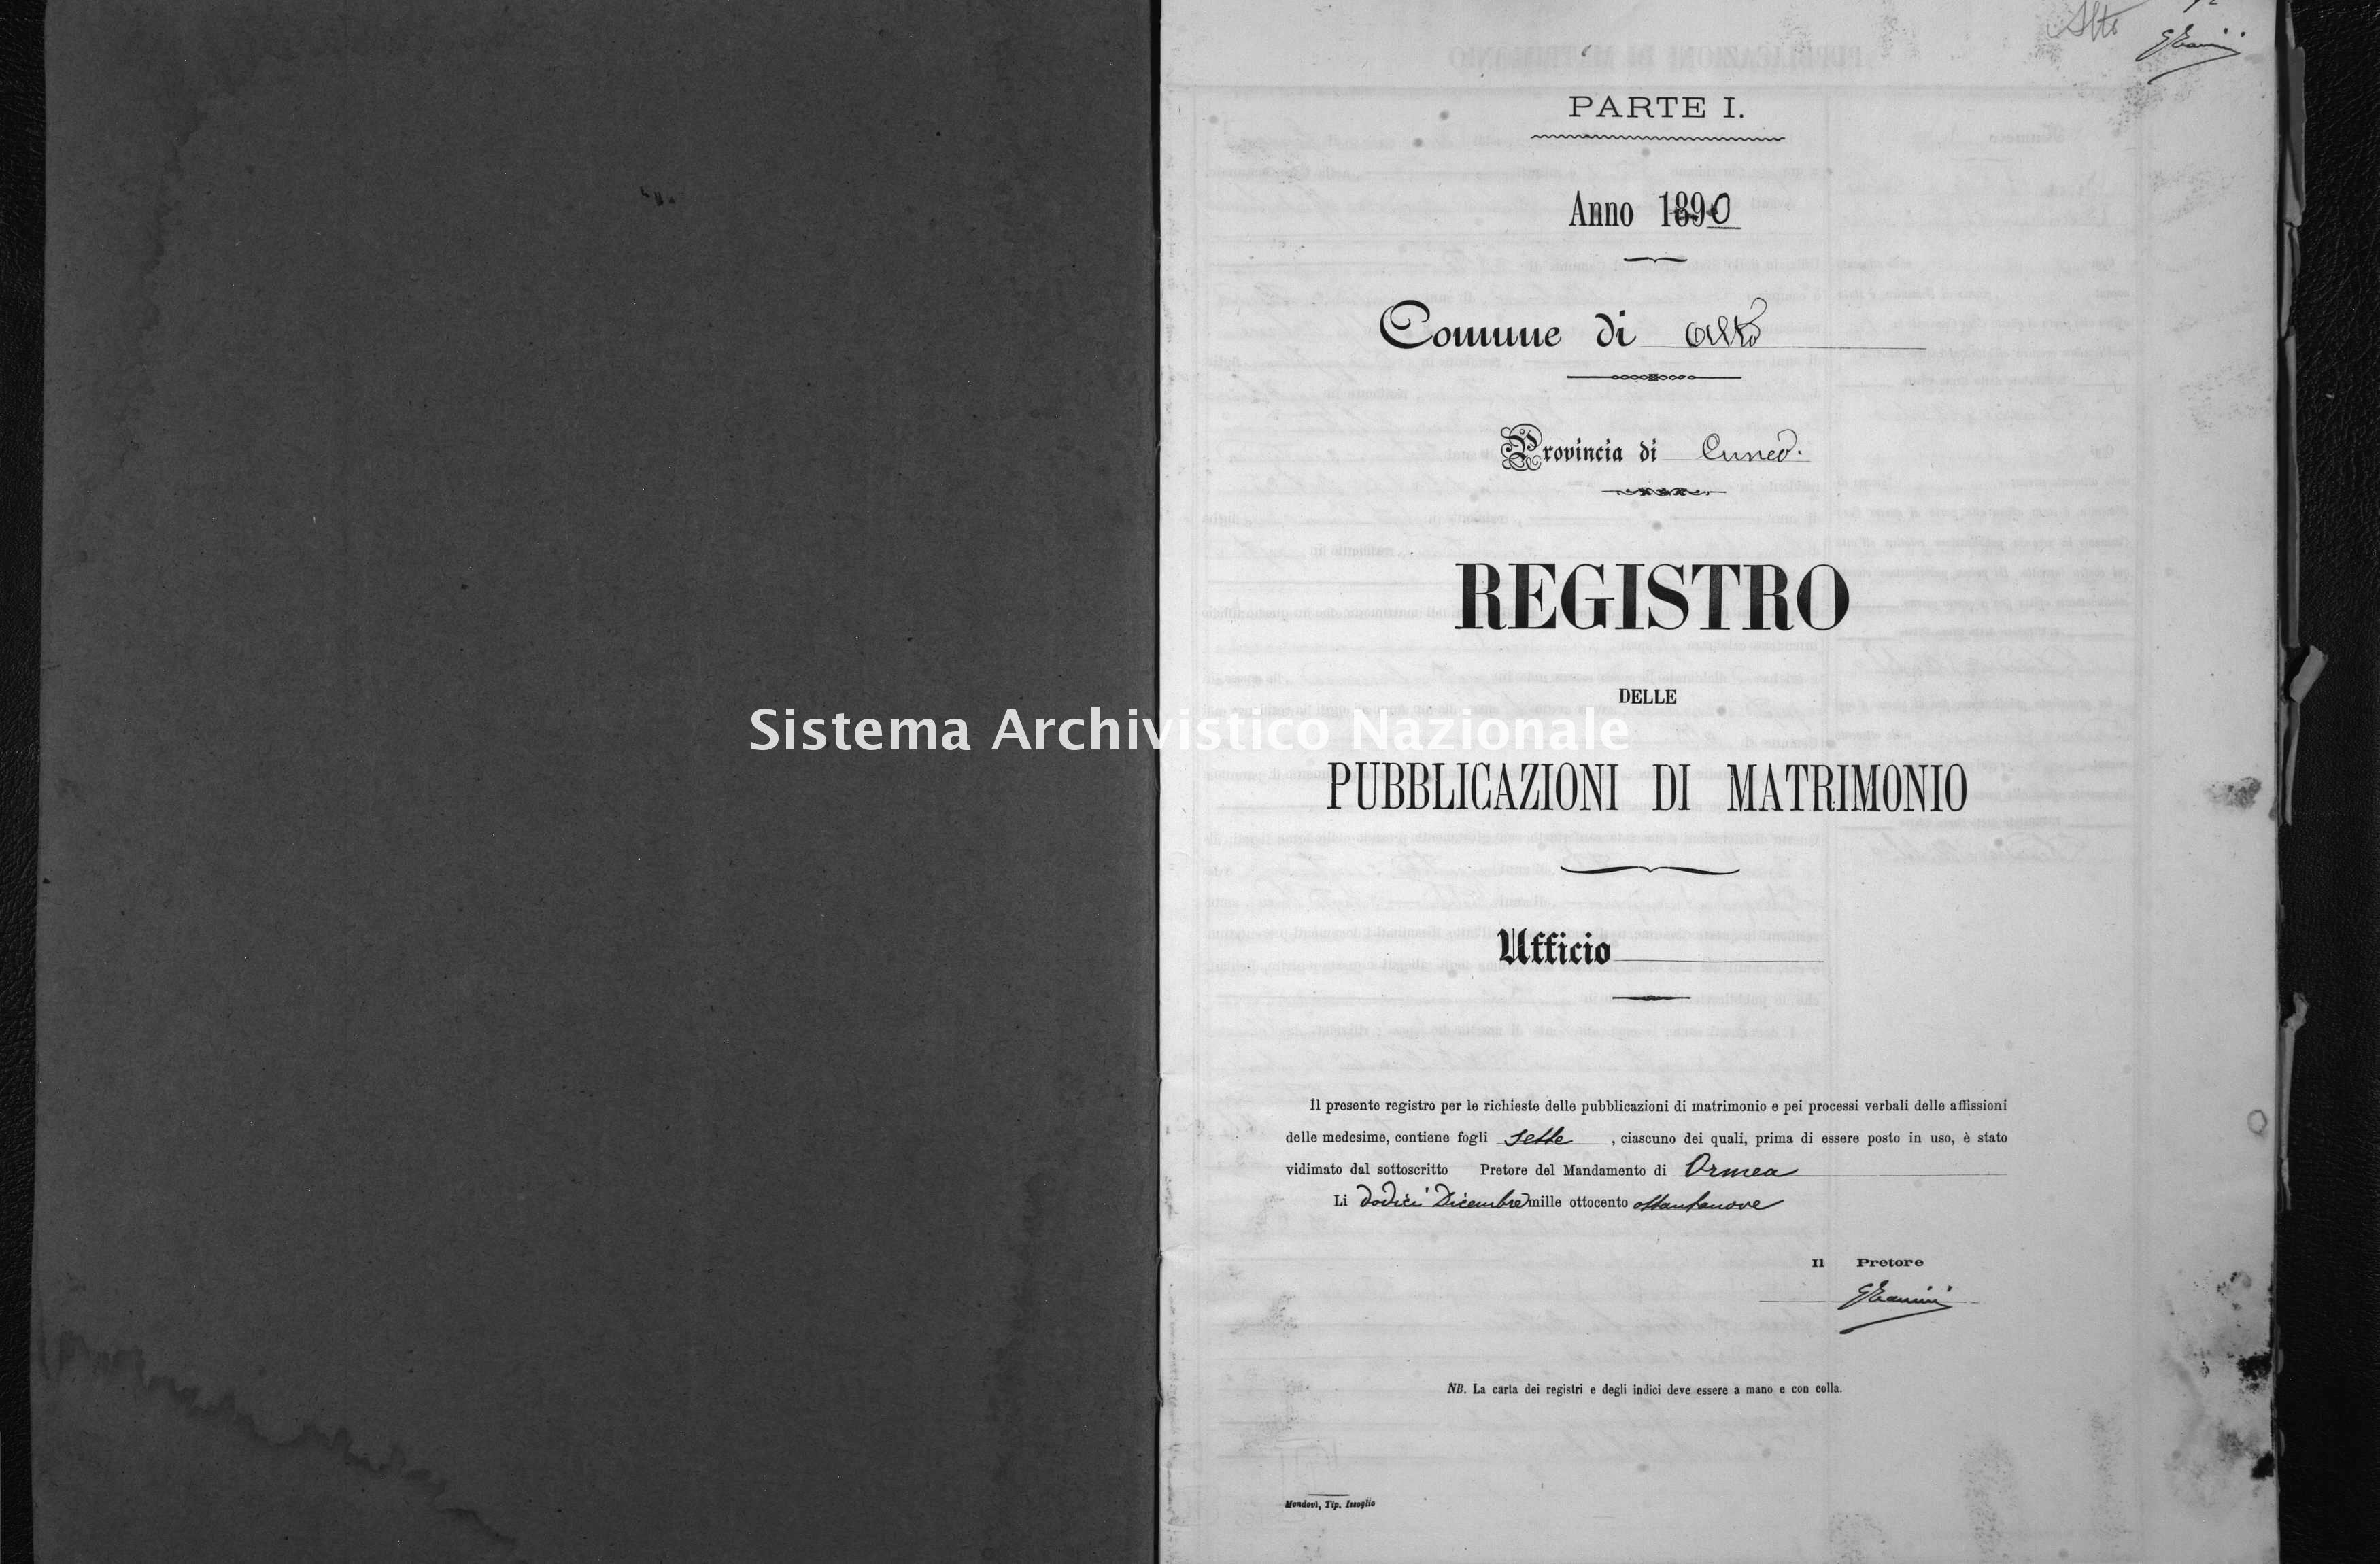 Archivio di stato di Cuneo - Stato civile italiano - Alto - Matrimoni, pubblicazioni - 1890 -